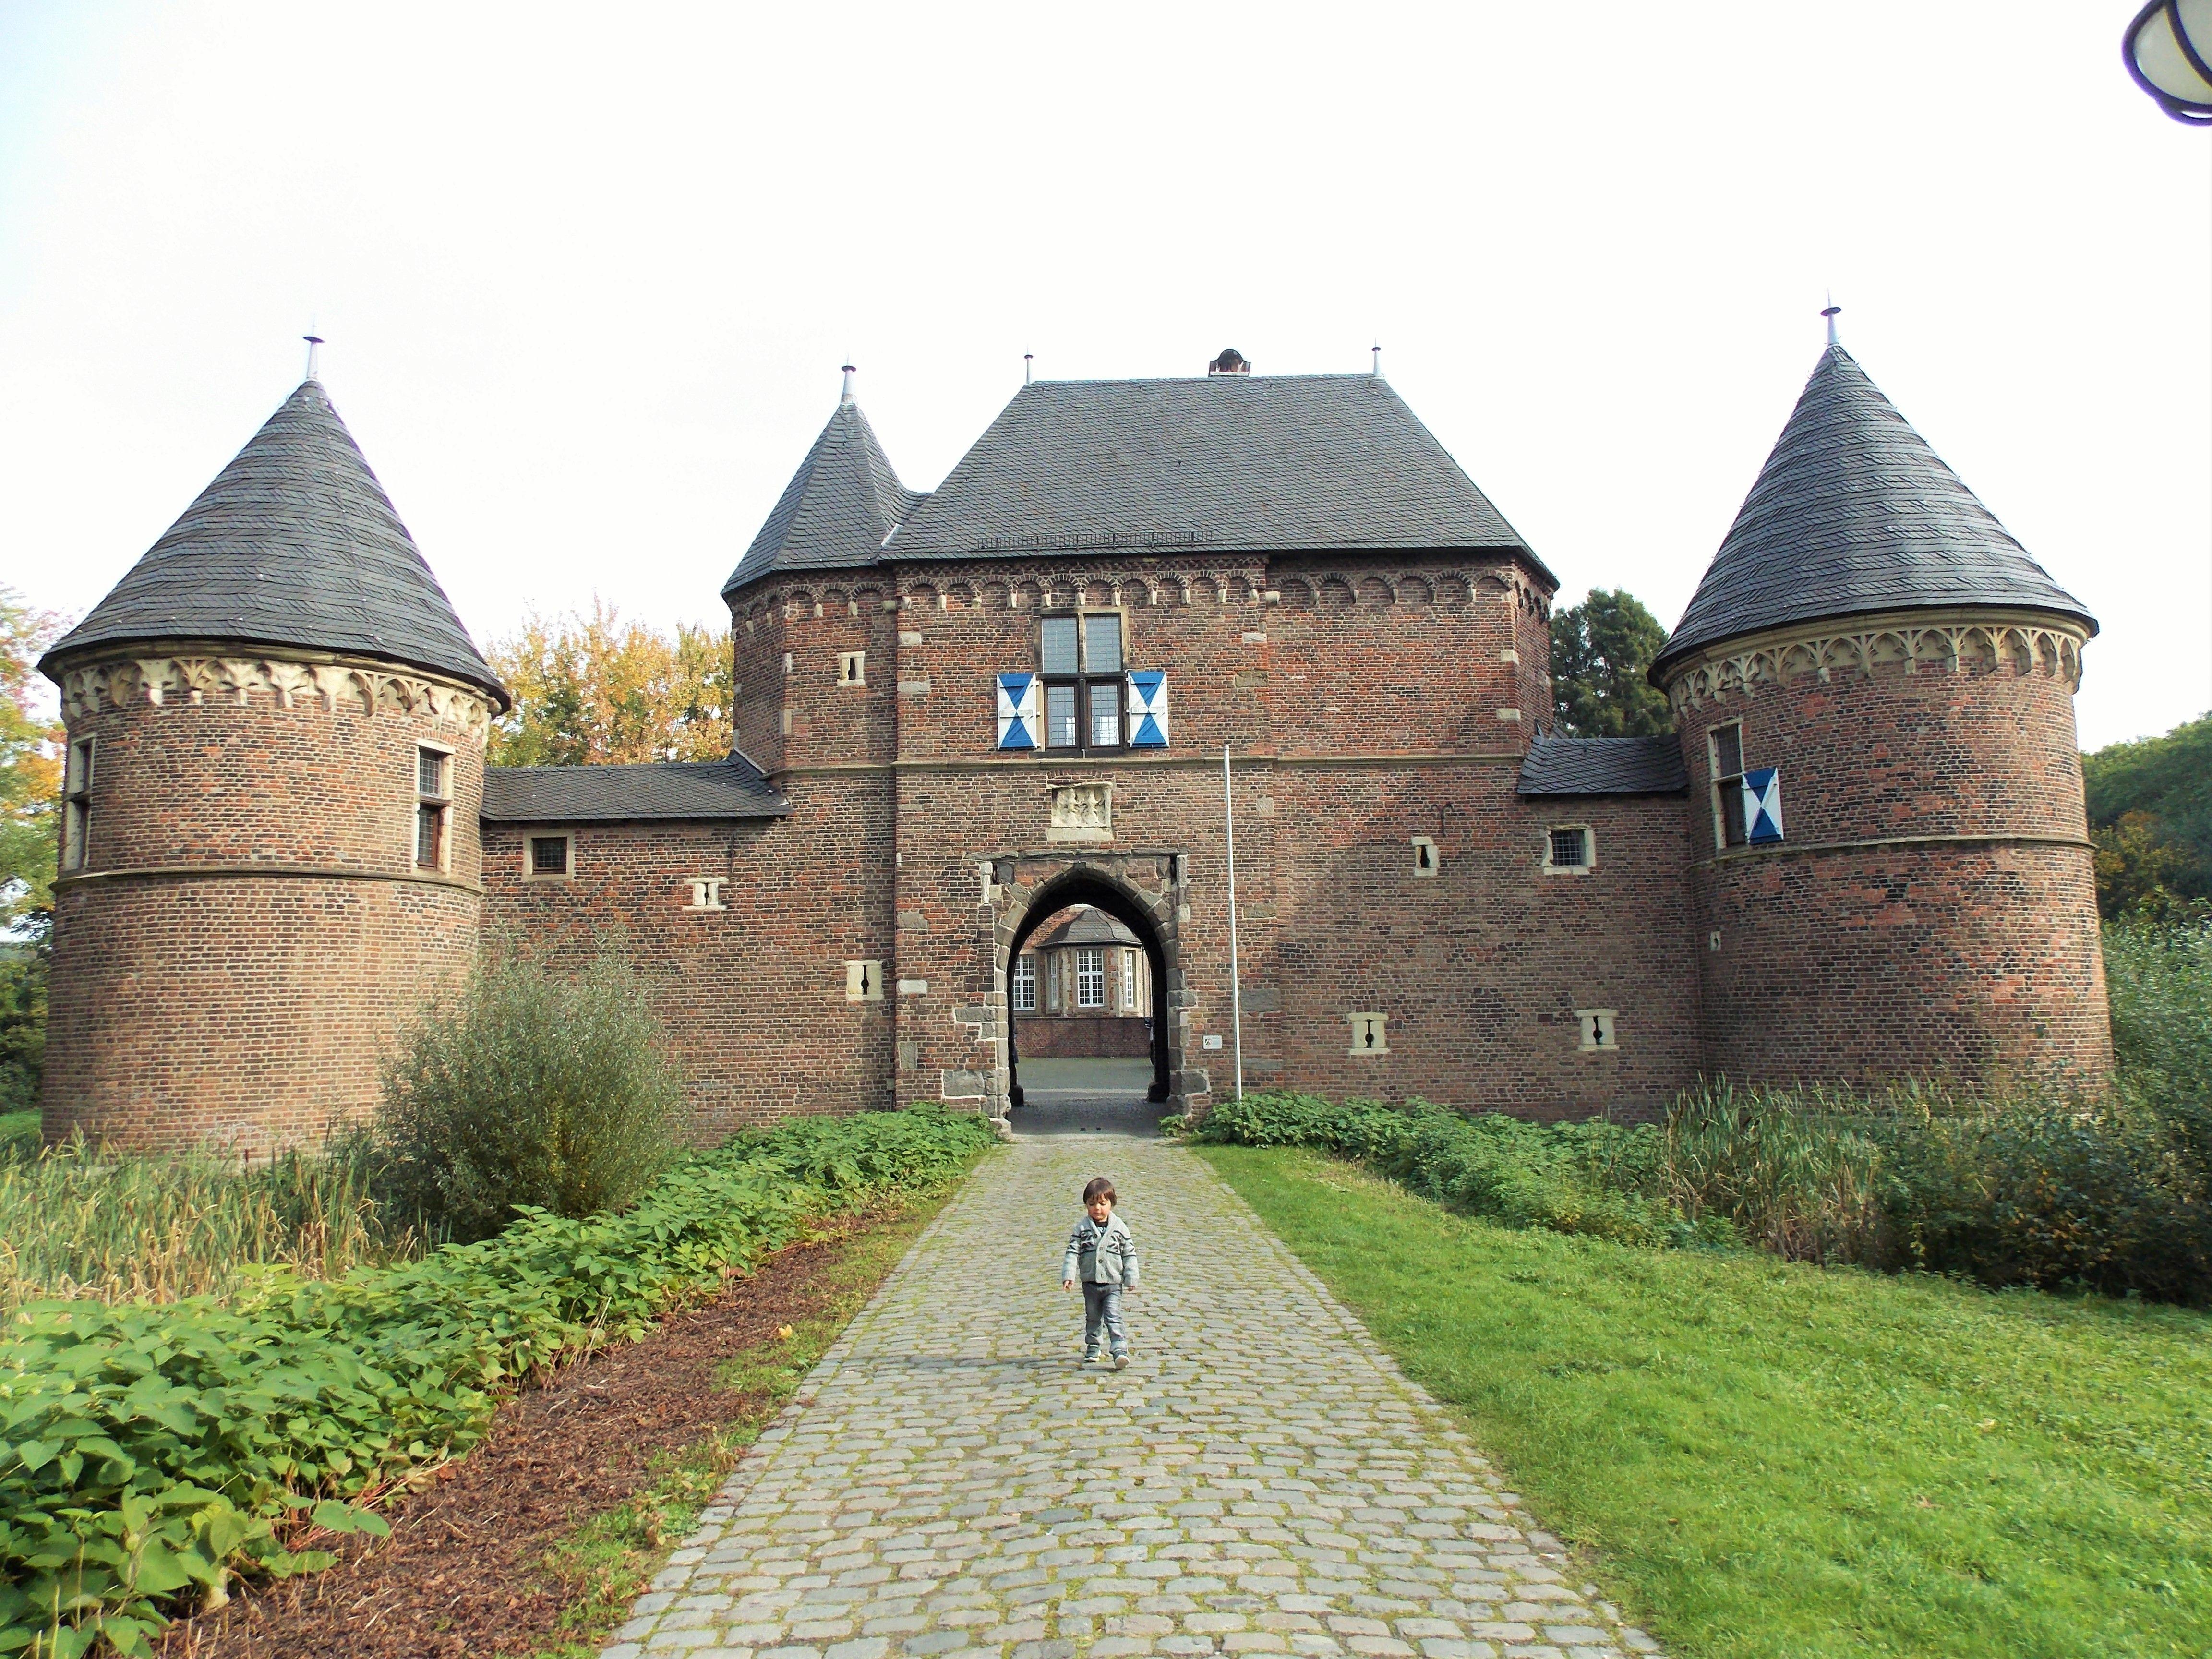 Burg Vondern 1162 Oberhausen Germany 2015